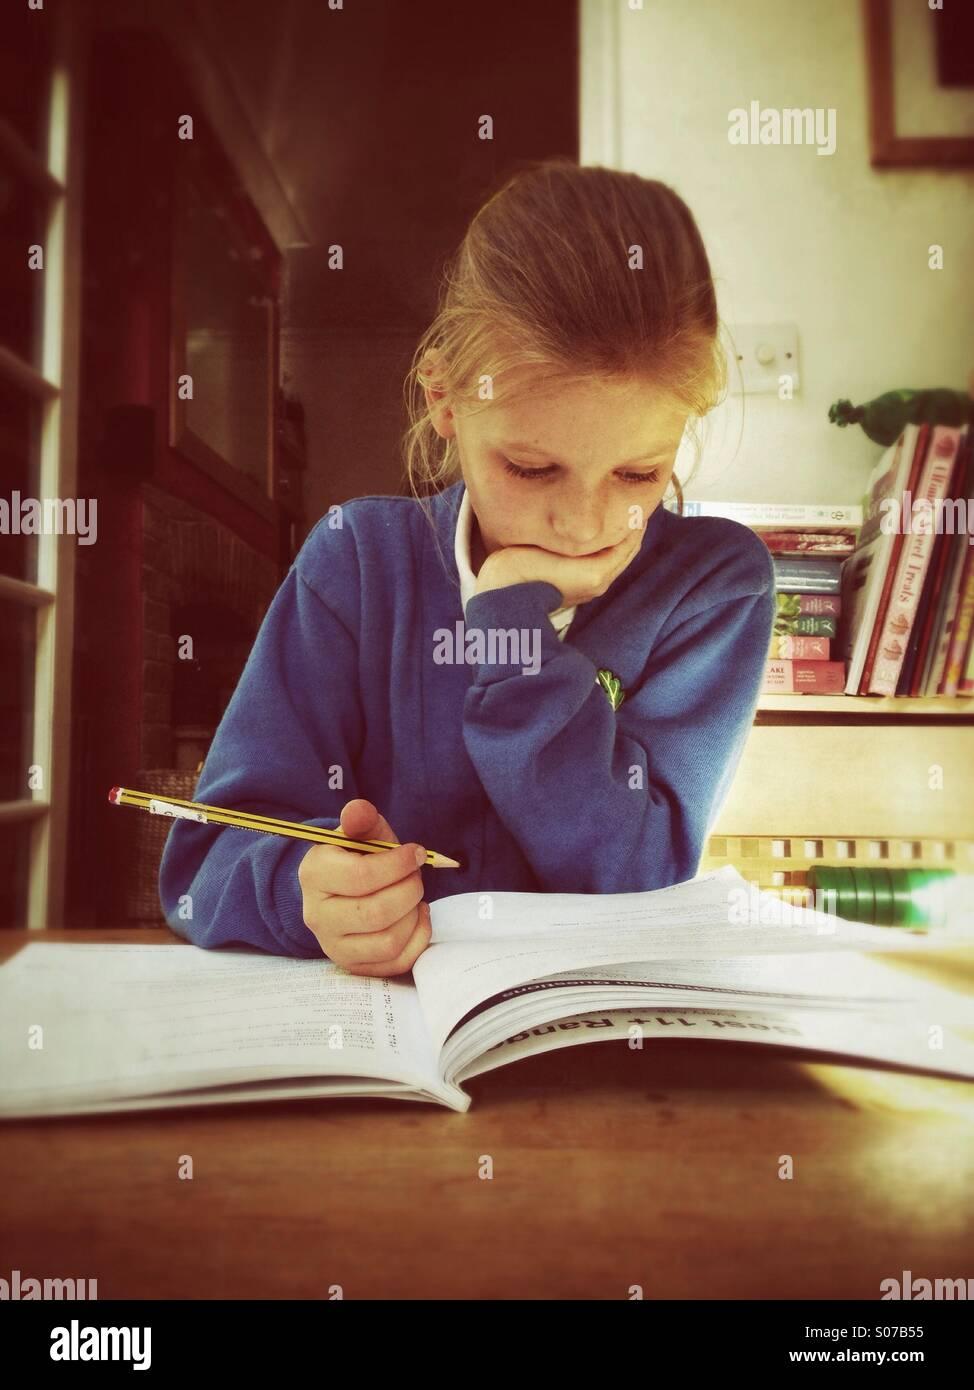 Niño estudiando Imagen De Stock